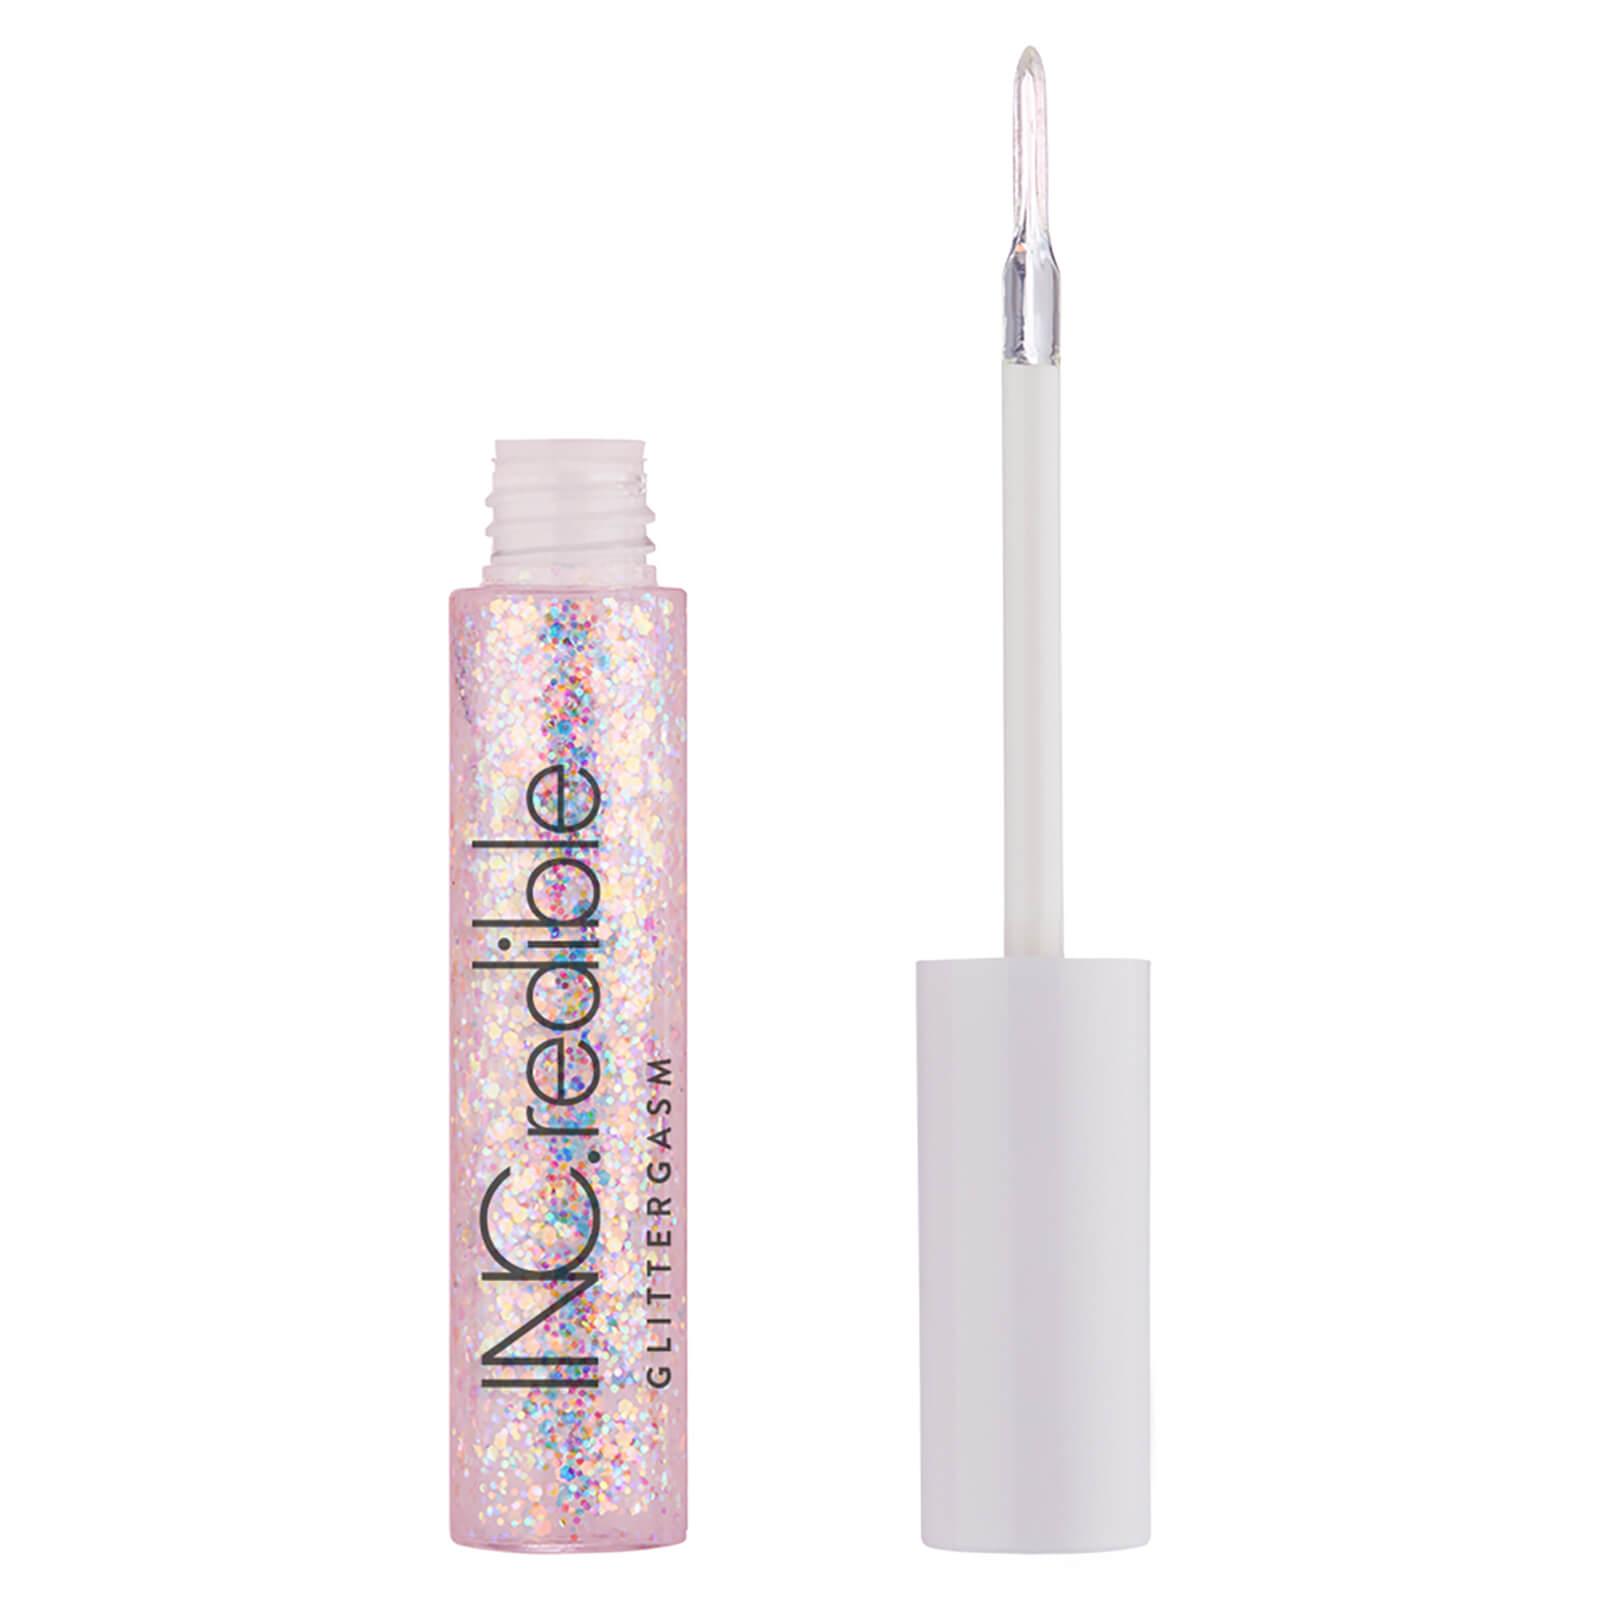 Inc Redible Glittergasm Lip Jelly Various Shades Free Us Shipping Lookfantastic